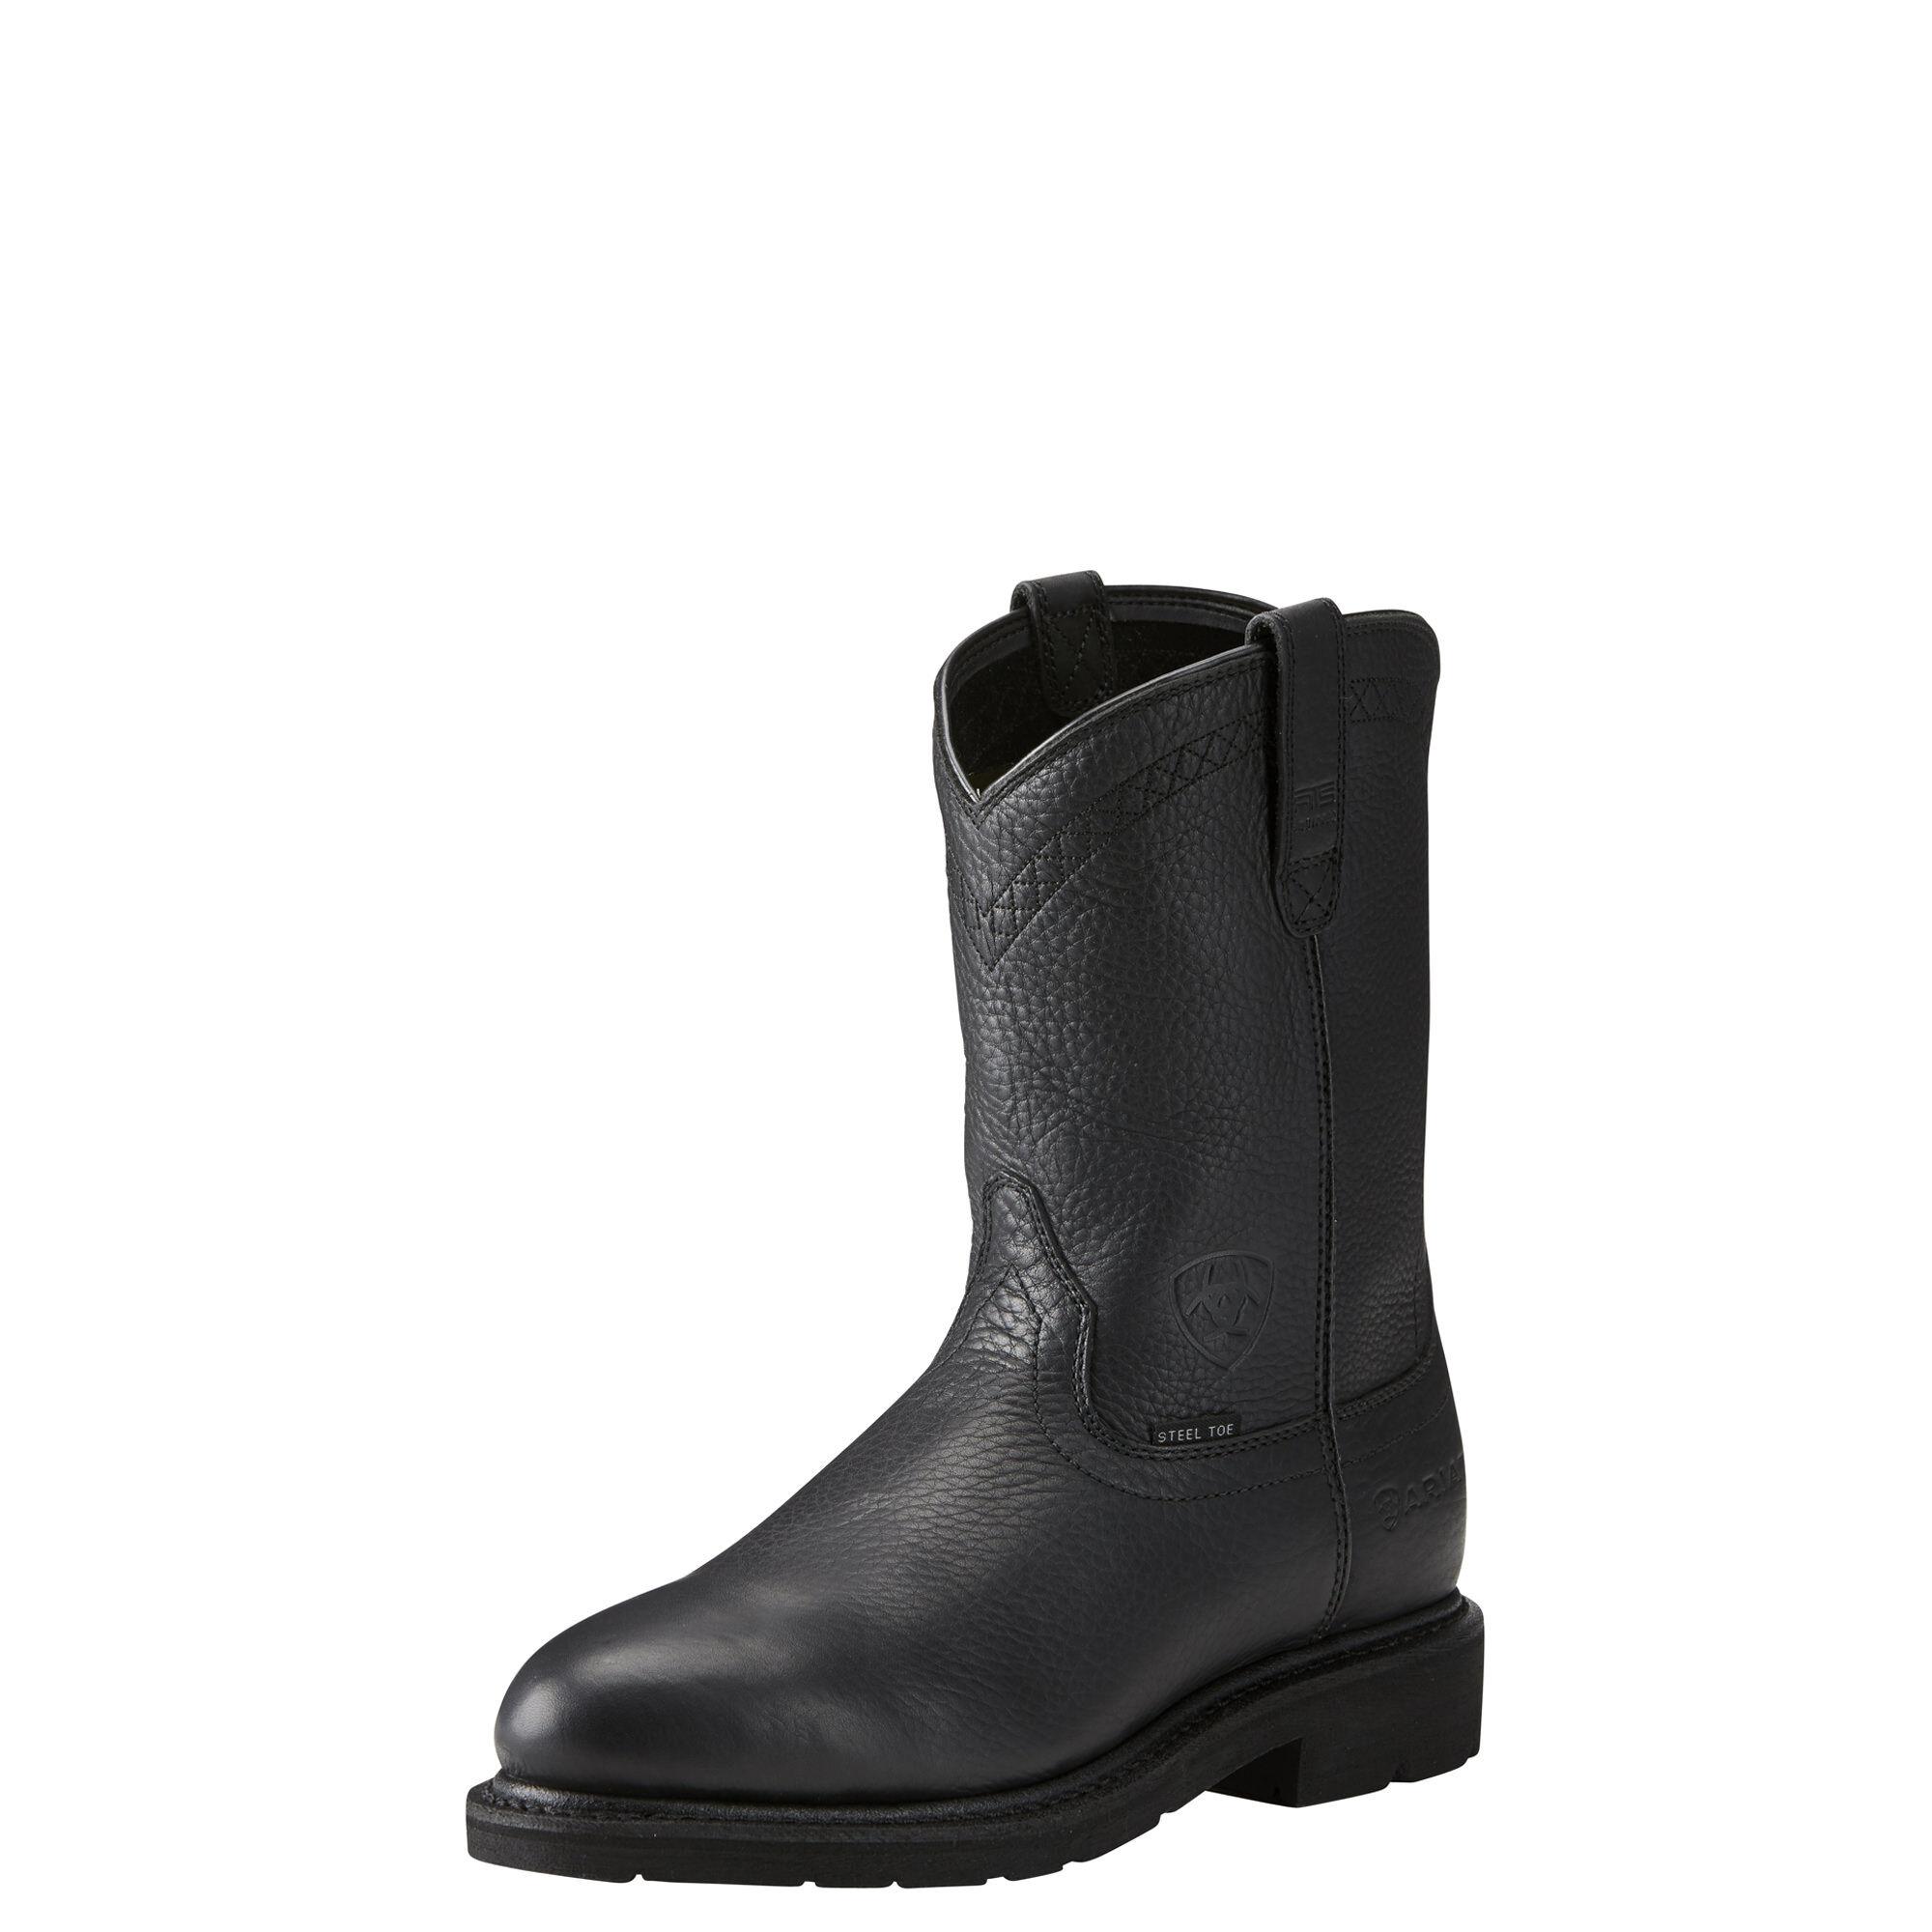 650966a5308 Sierra Steel Toe Work Boot